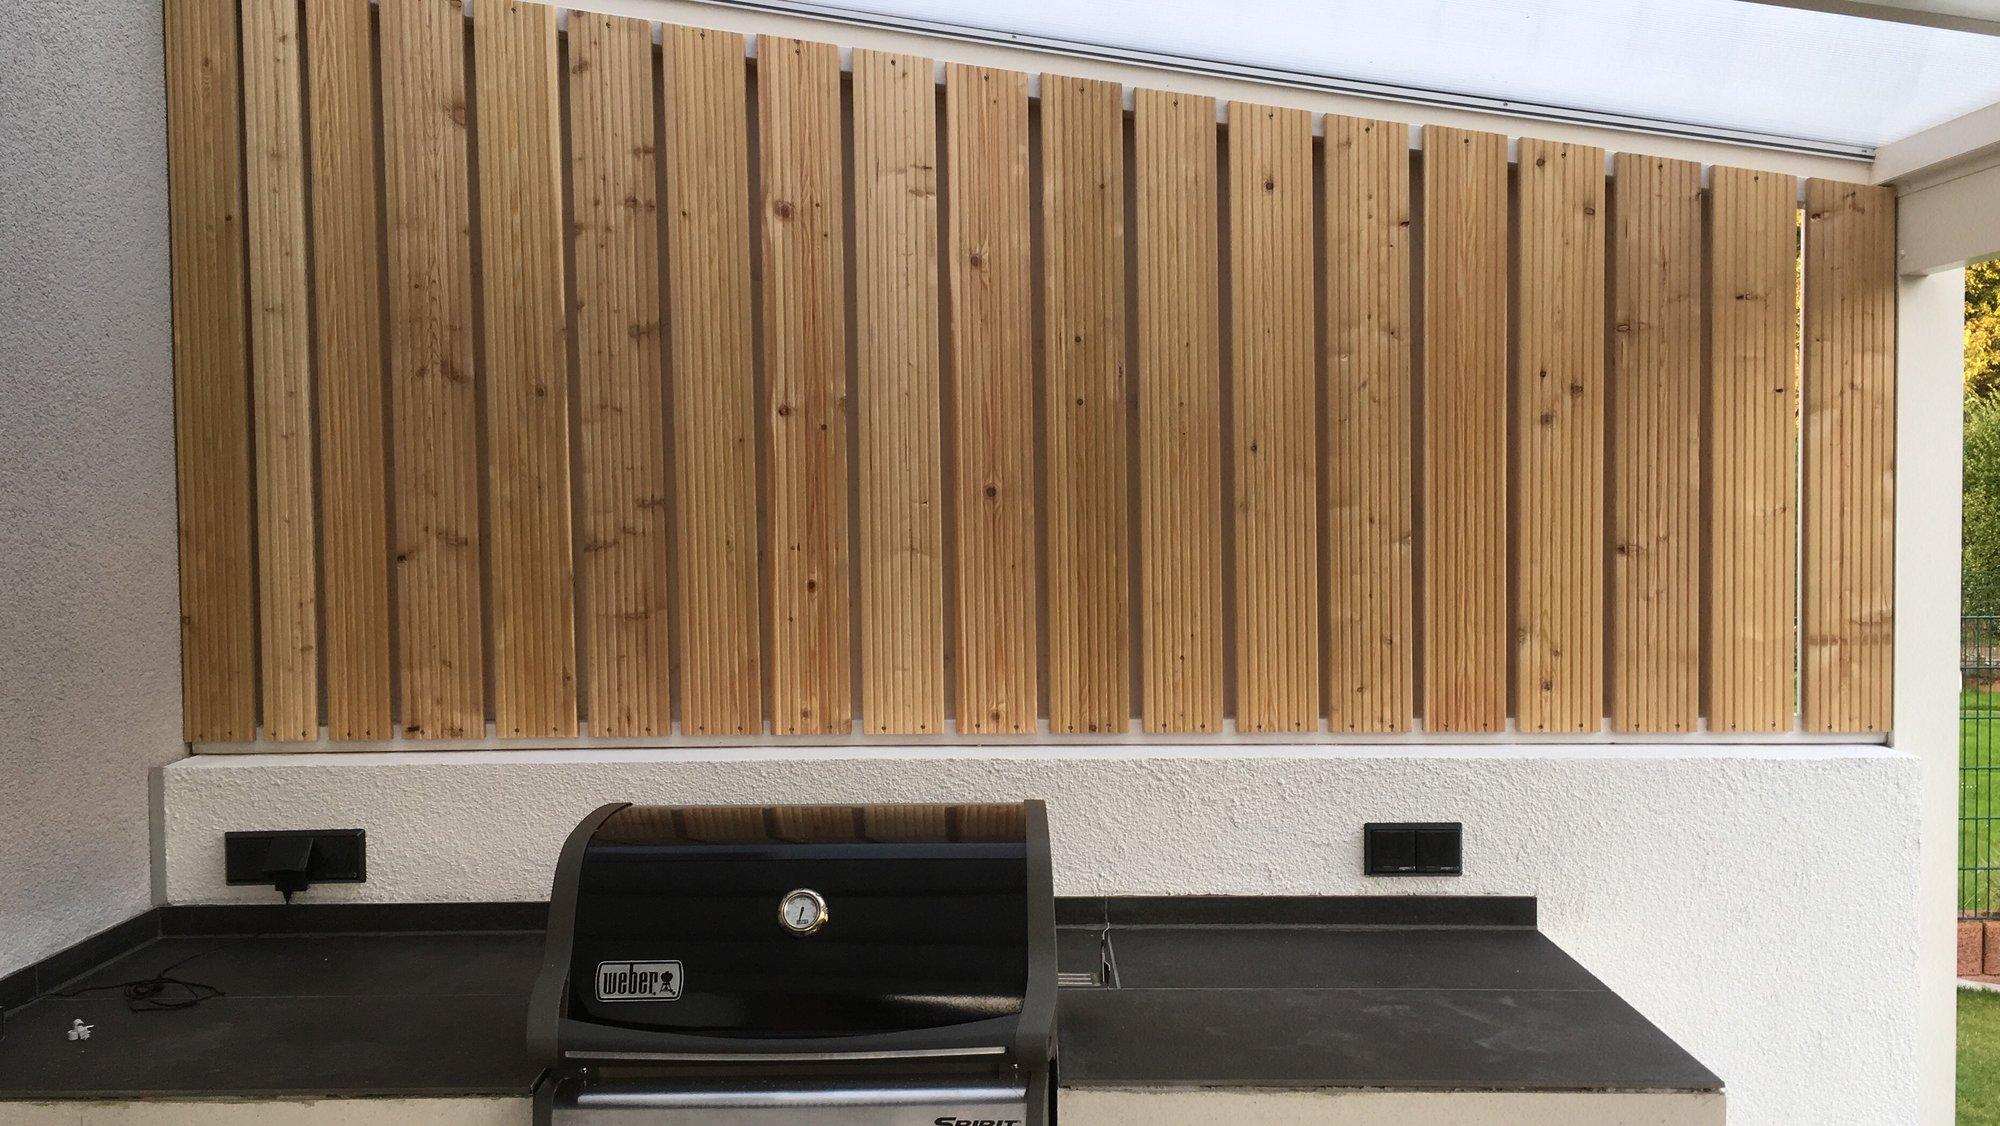 Weber Outdoor Küche Bauen : Outdoor küche selber bauen forum außenküche mit integriertem